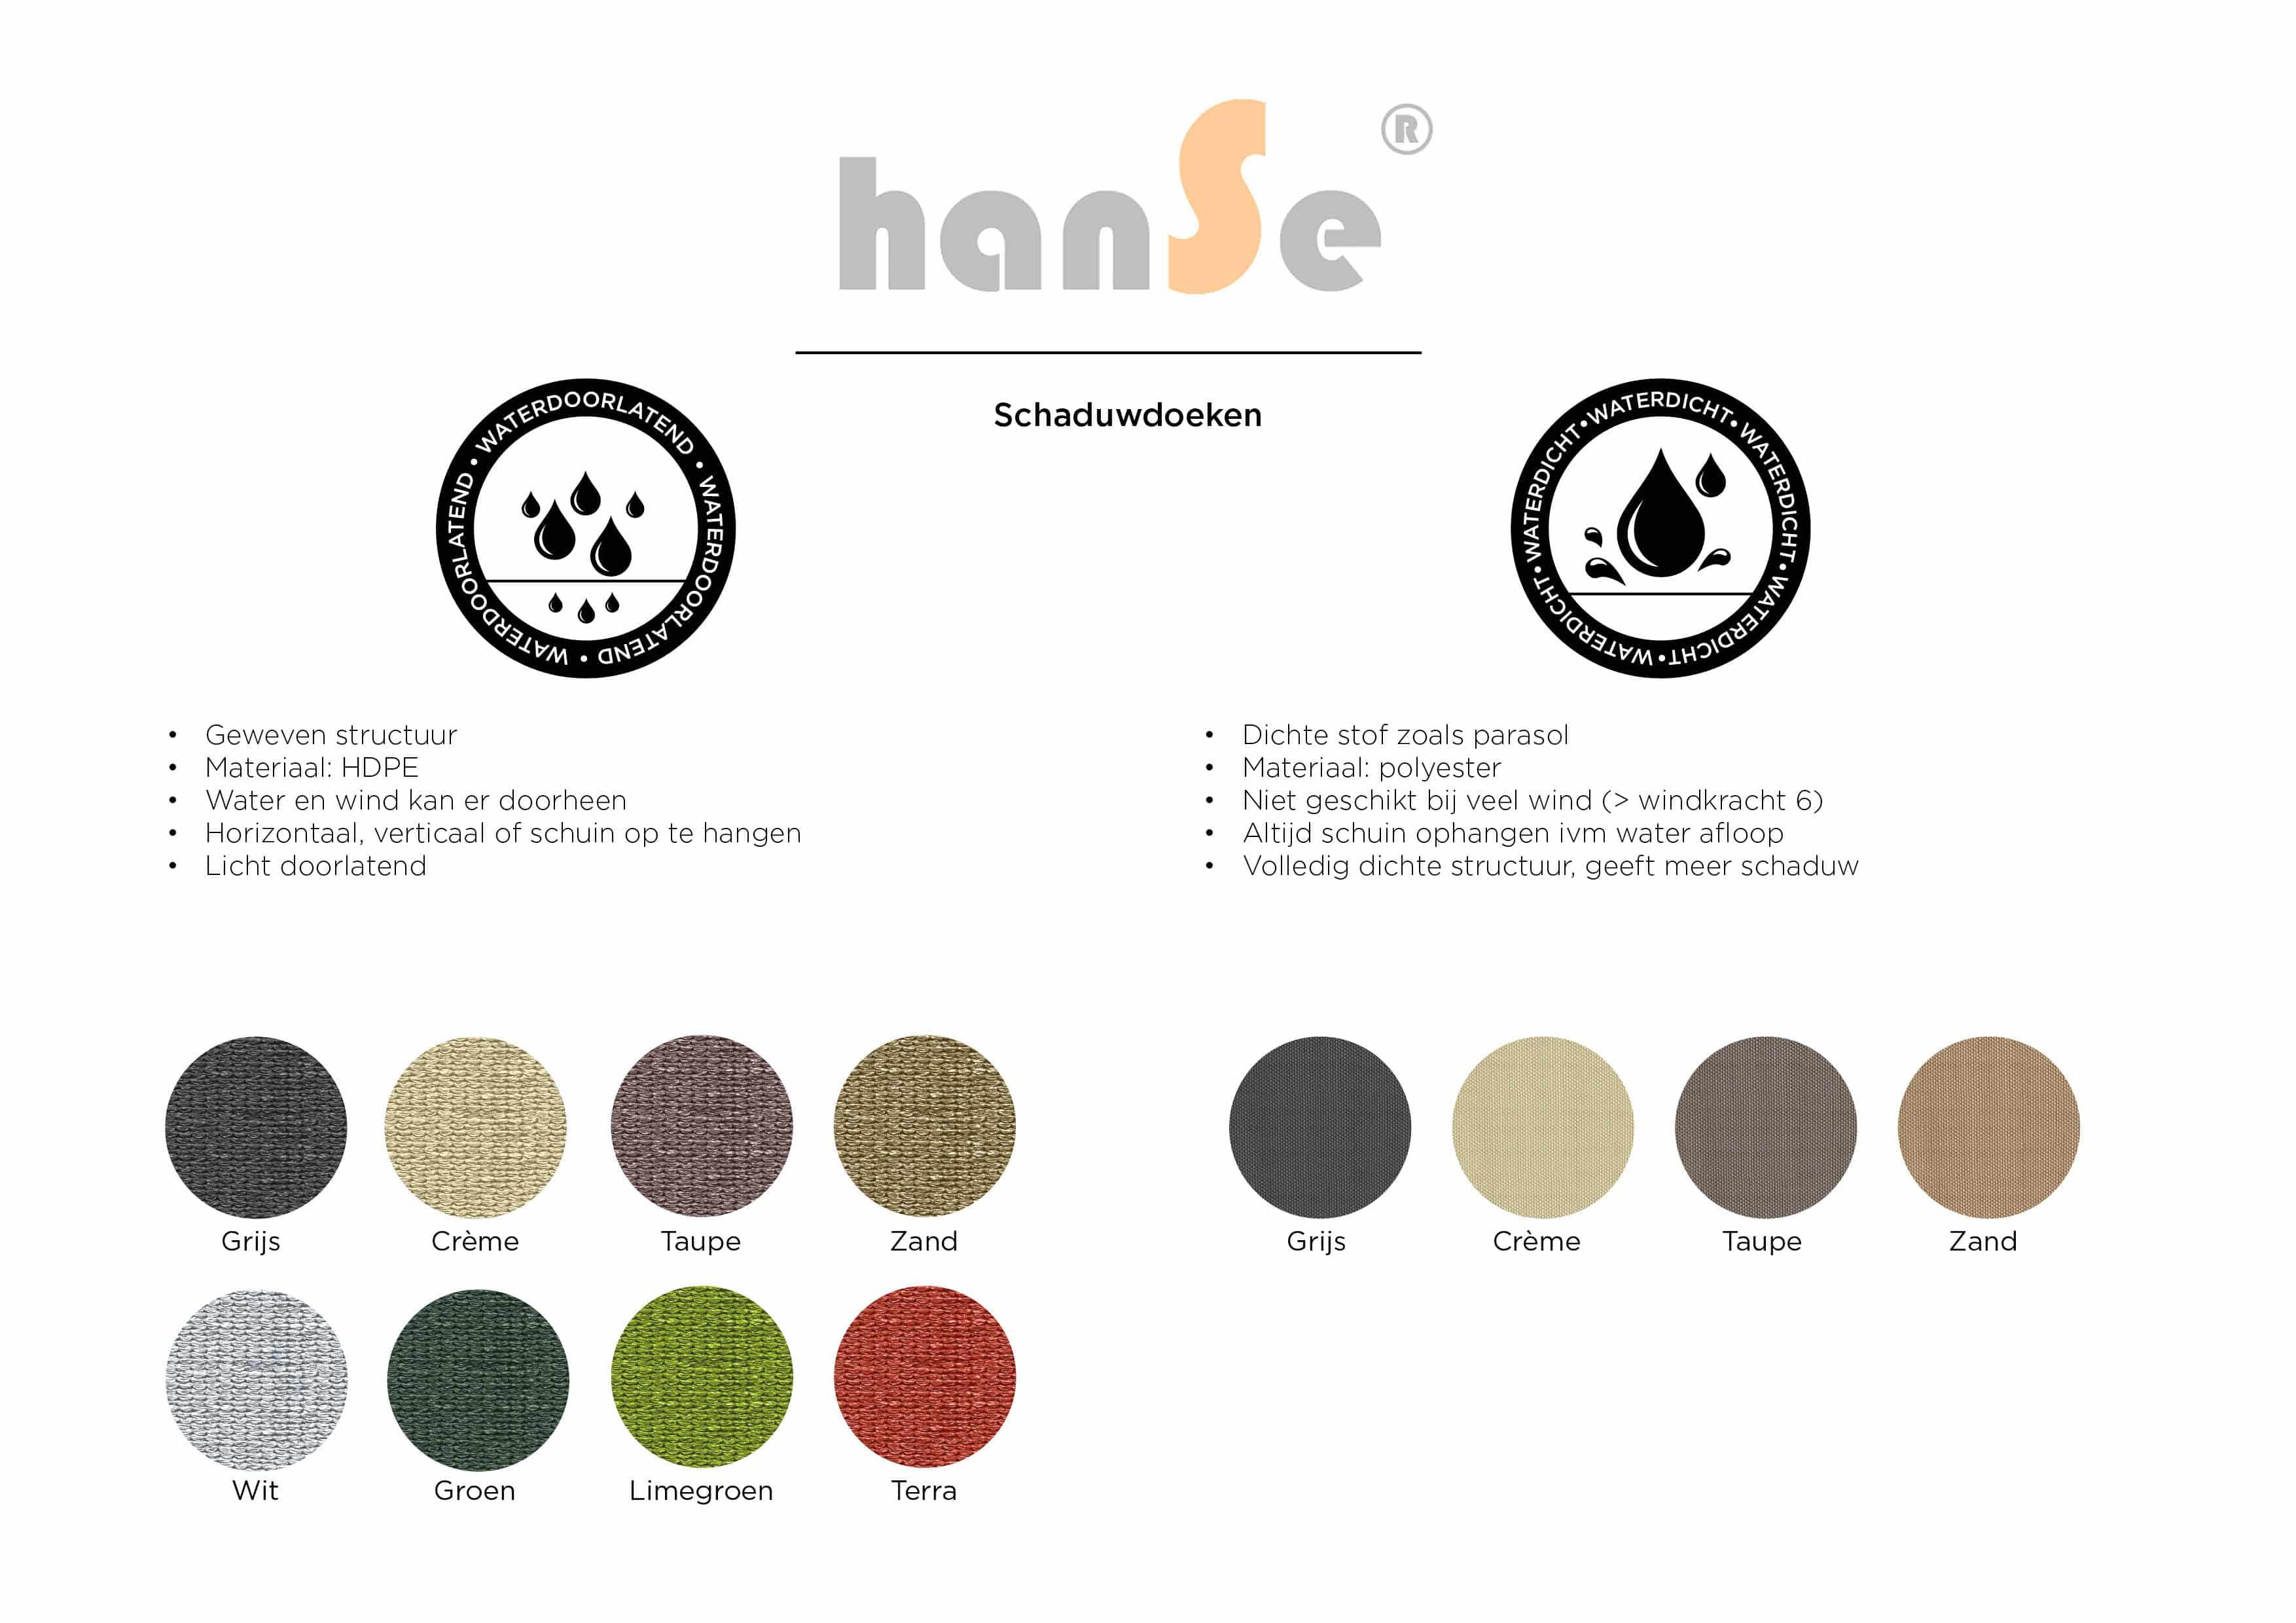 hanSe® Schaduwdoek Vierkant Waterdoorlatend 4,5x4,5 m - Wit